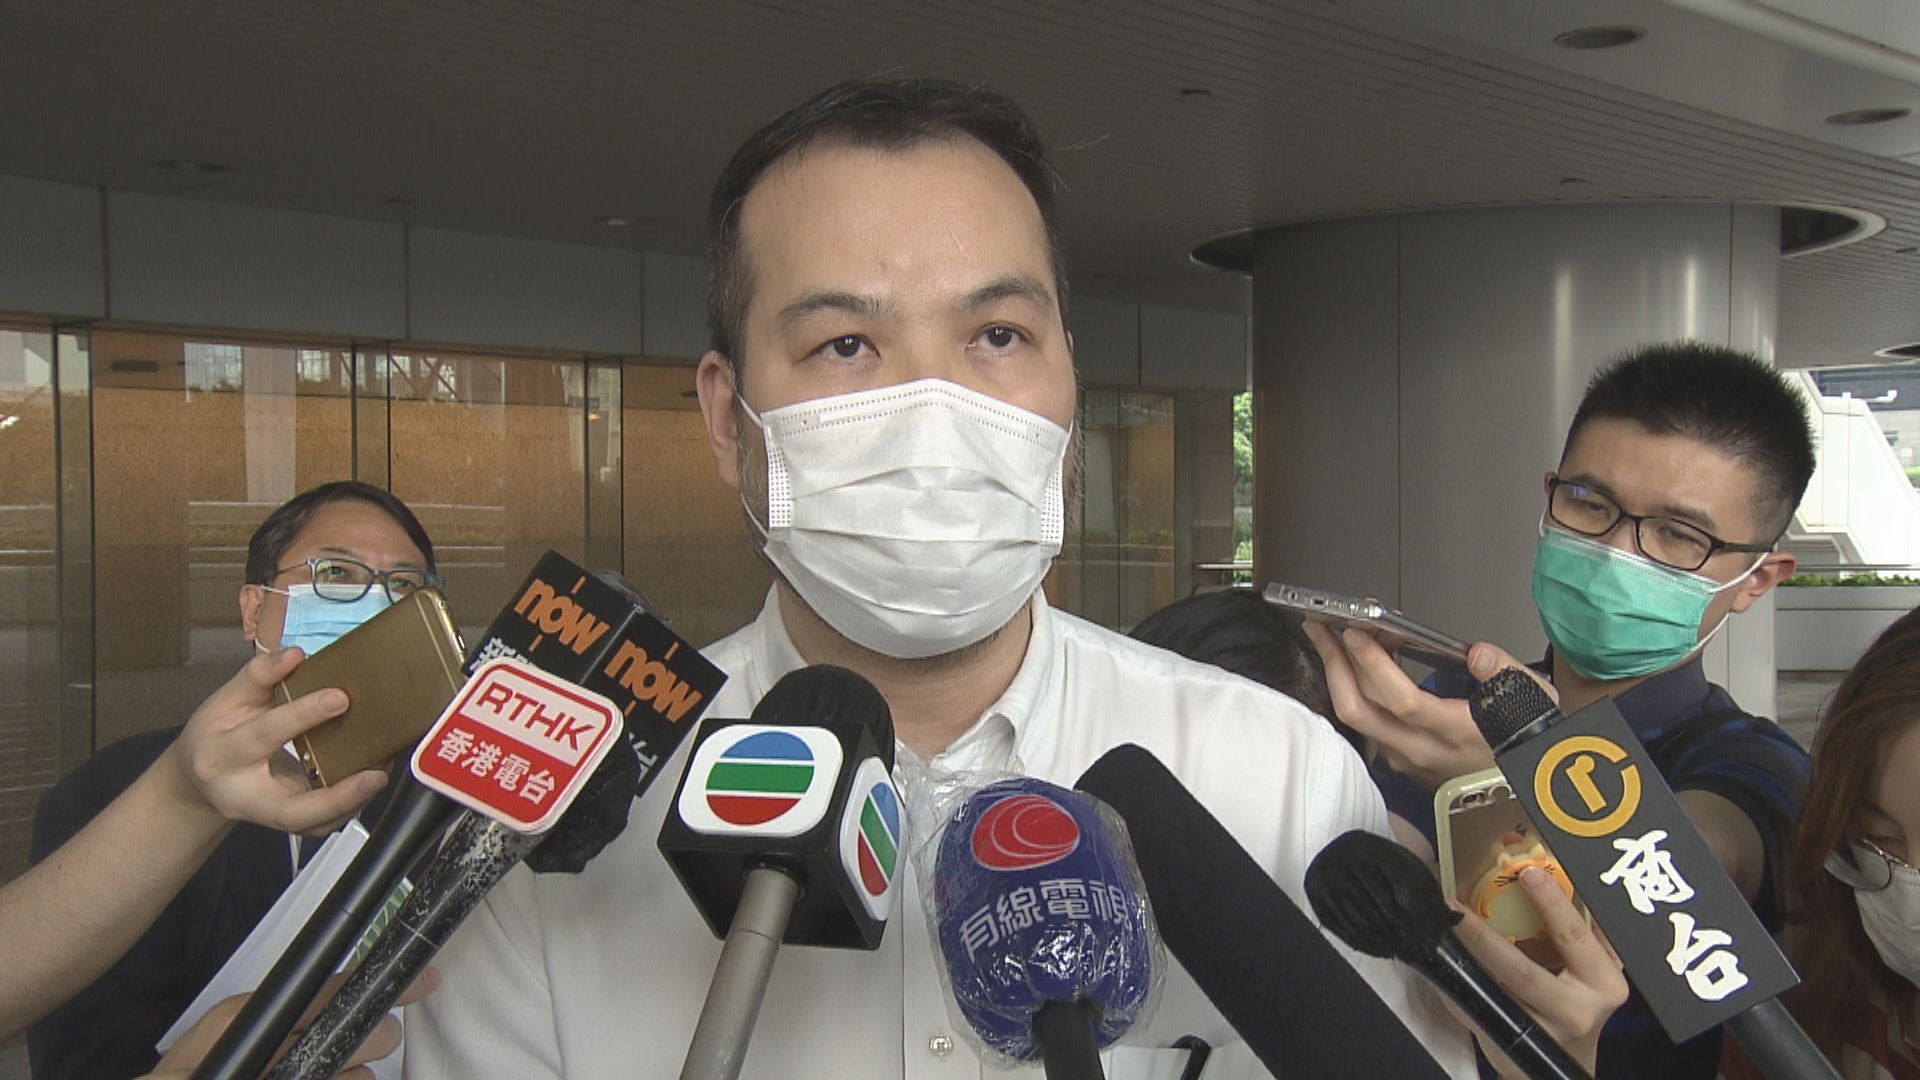 消息:行會通過建議全體公務員凍薪